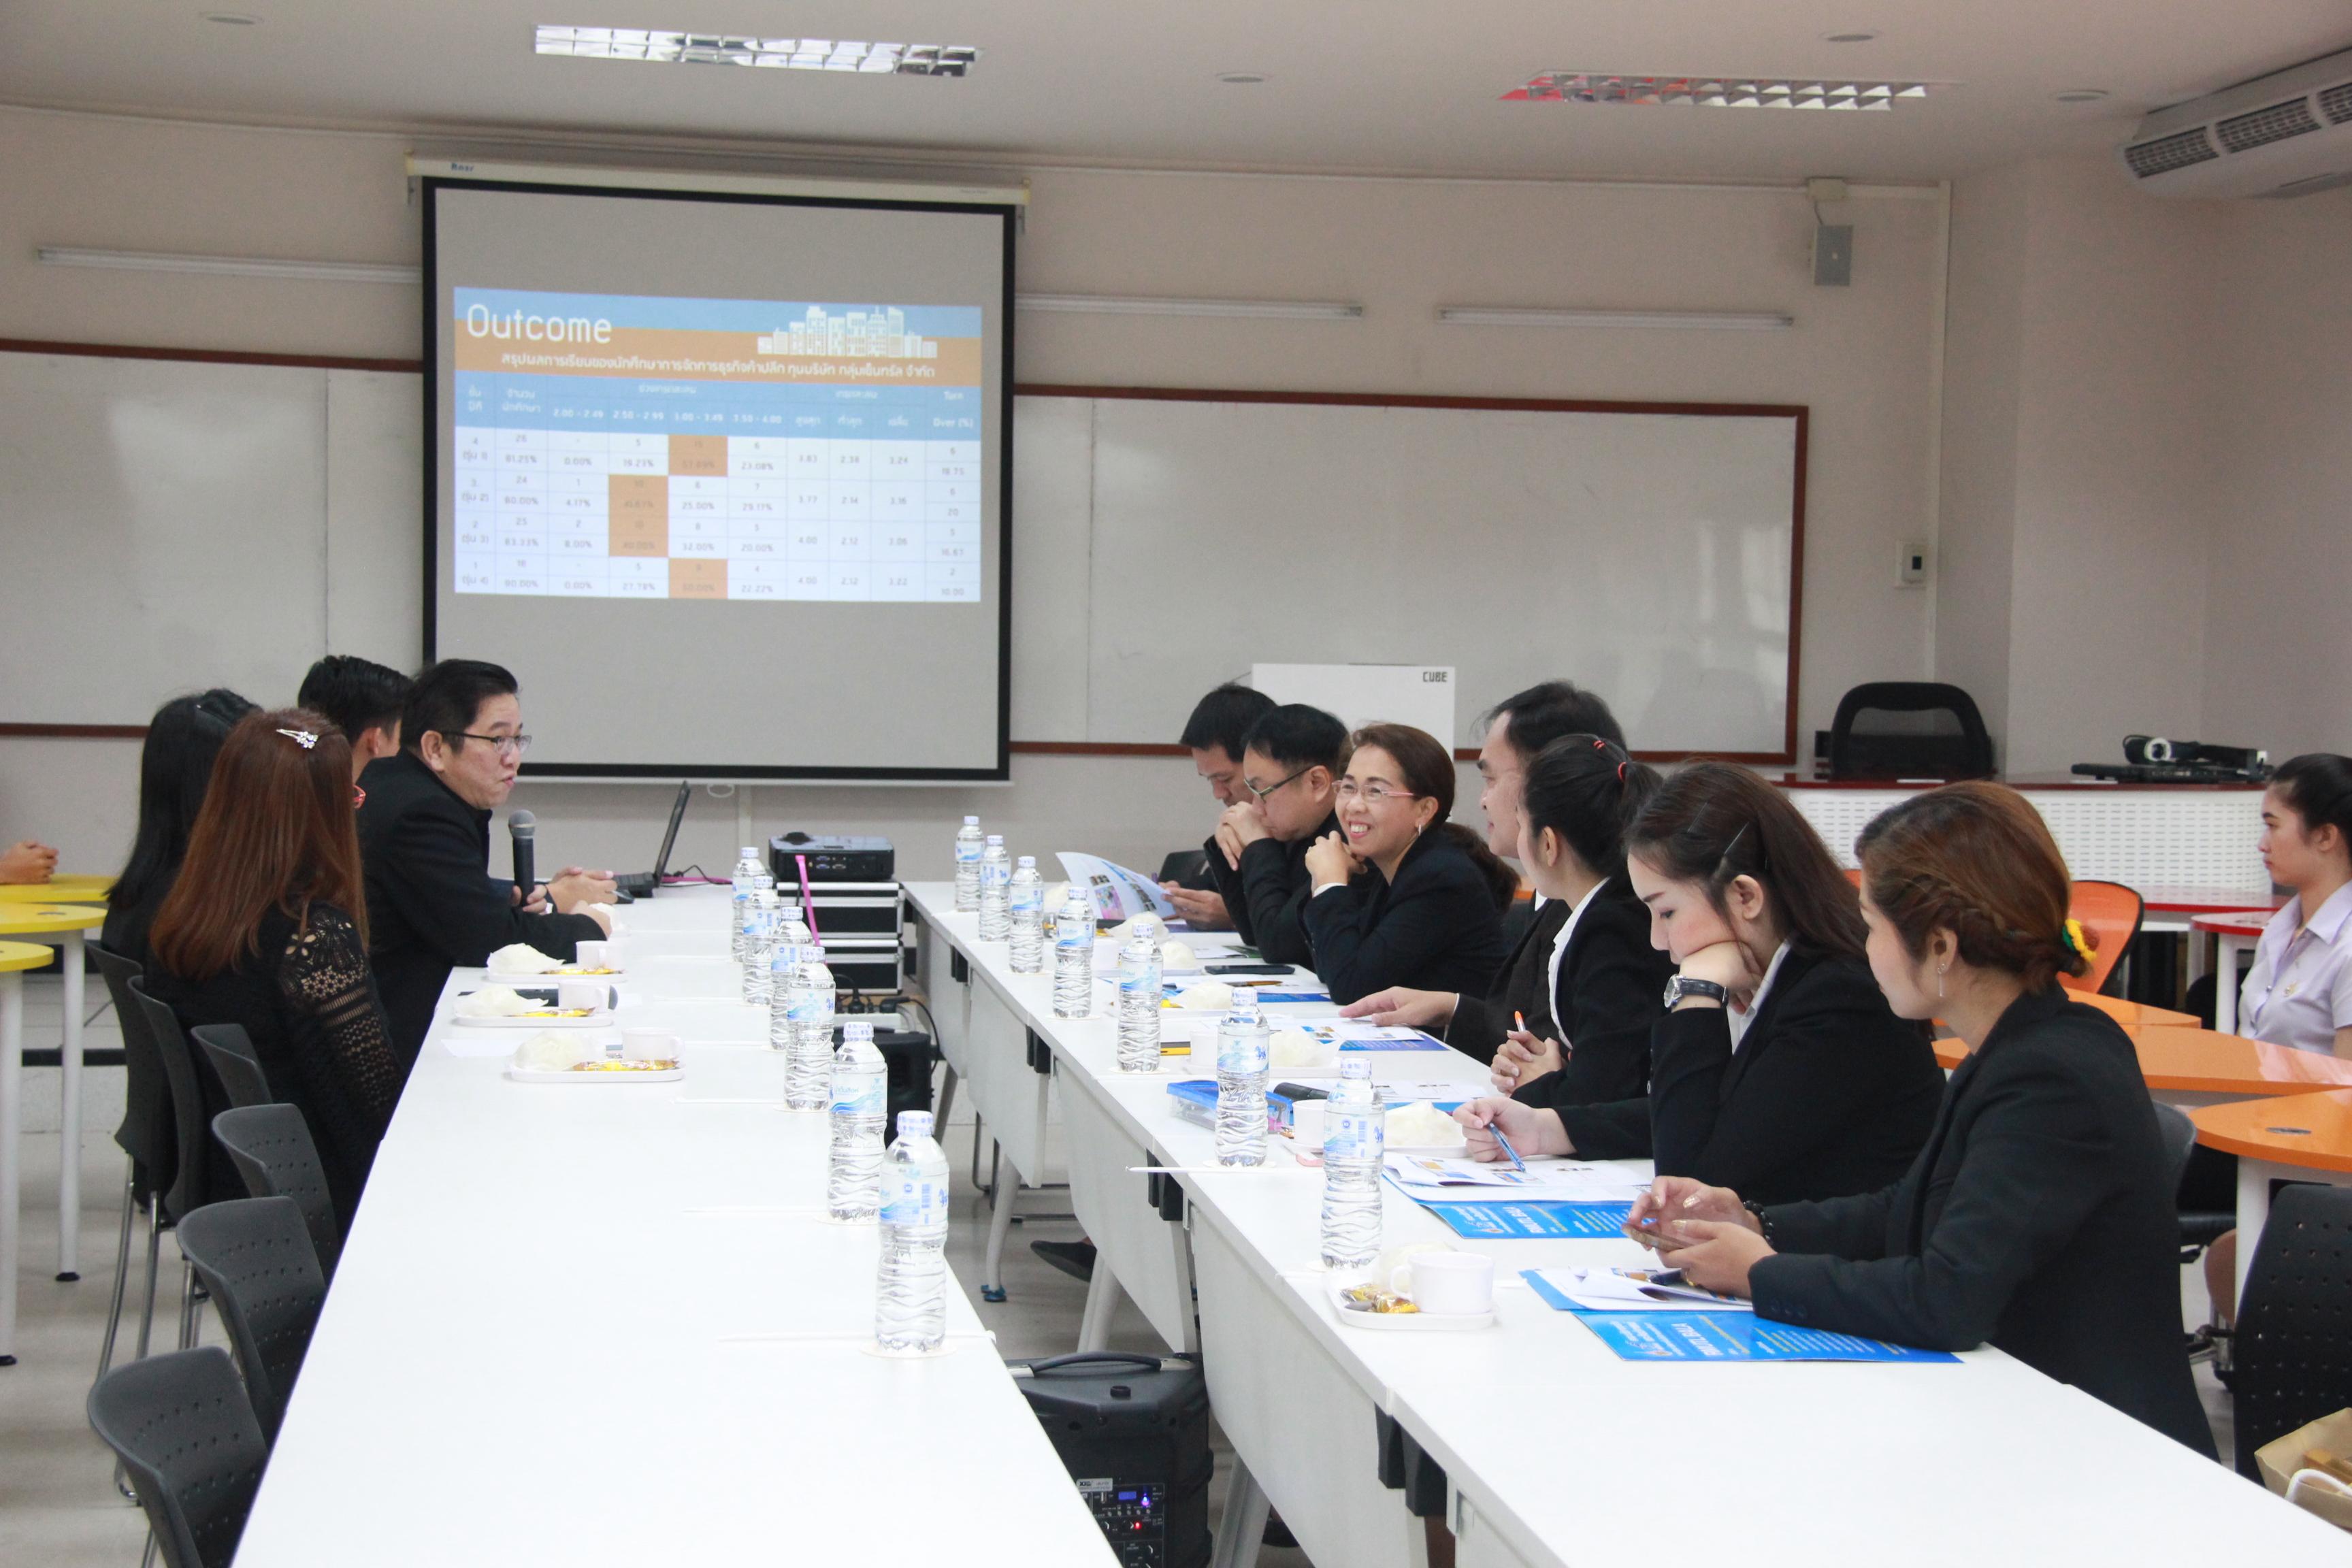 มทร.อีสาน (ขอนแก่น) เข้าร่วมการแลกเปลี่ยนเรียนรู้ การผลิตนักศึกษา WIL โดยใช้หลักสูตรค้าปลีกกับกลุ่มเซ็นทรัลจำกัด